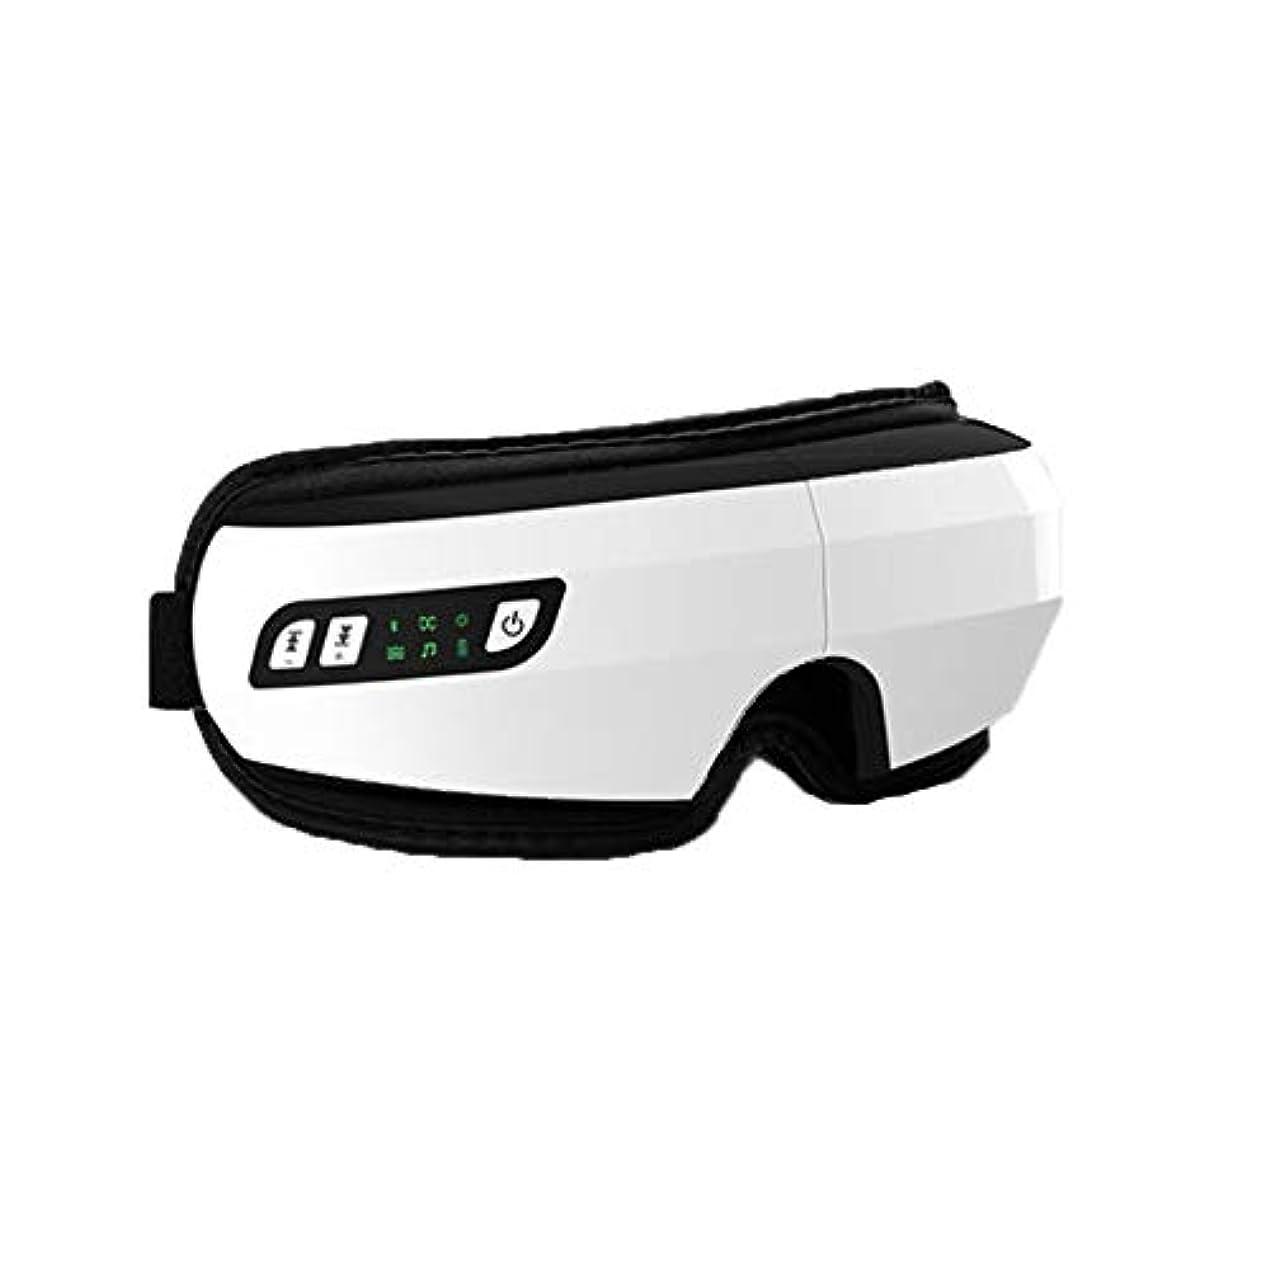 カリキュラムフレームワーククレタマッサージャー - 熱い湿布は近視の黒い目の声の振動目の保護の器械を取り除きます (Color : White)